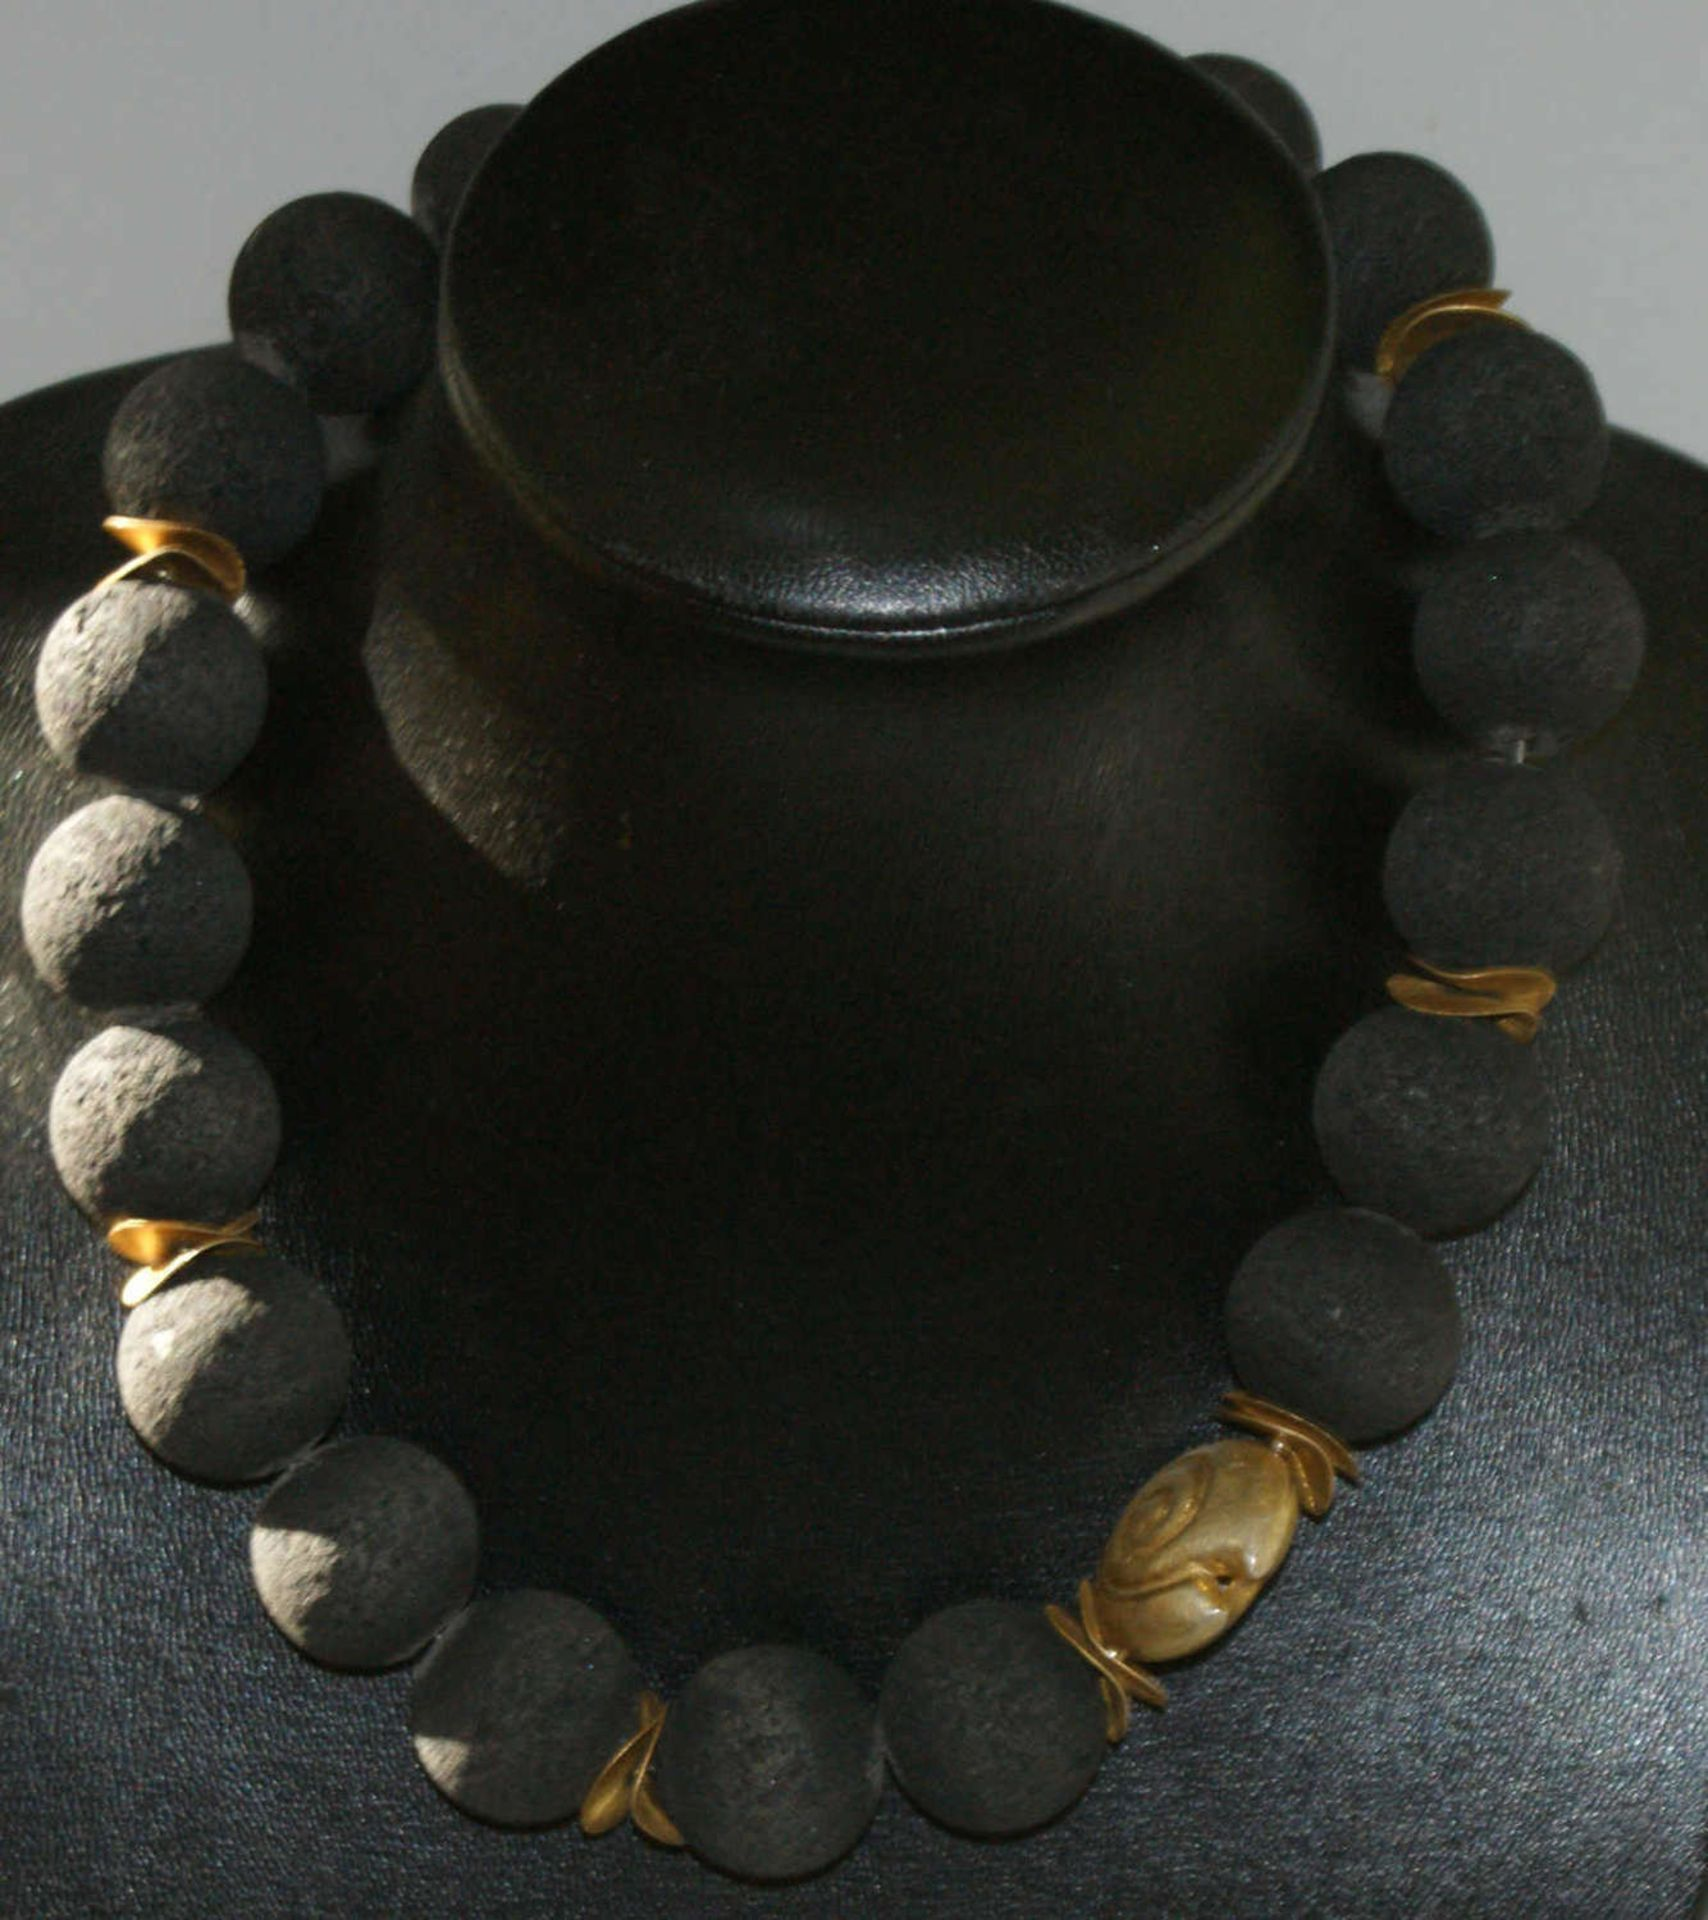 Kette mit großen schwarzen Korallenkugeln mit Silberplättchen vergoldet. Mit Magnetverschluß.